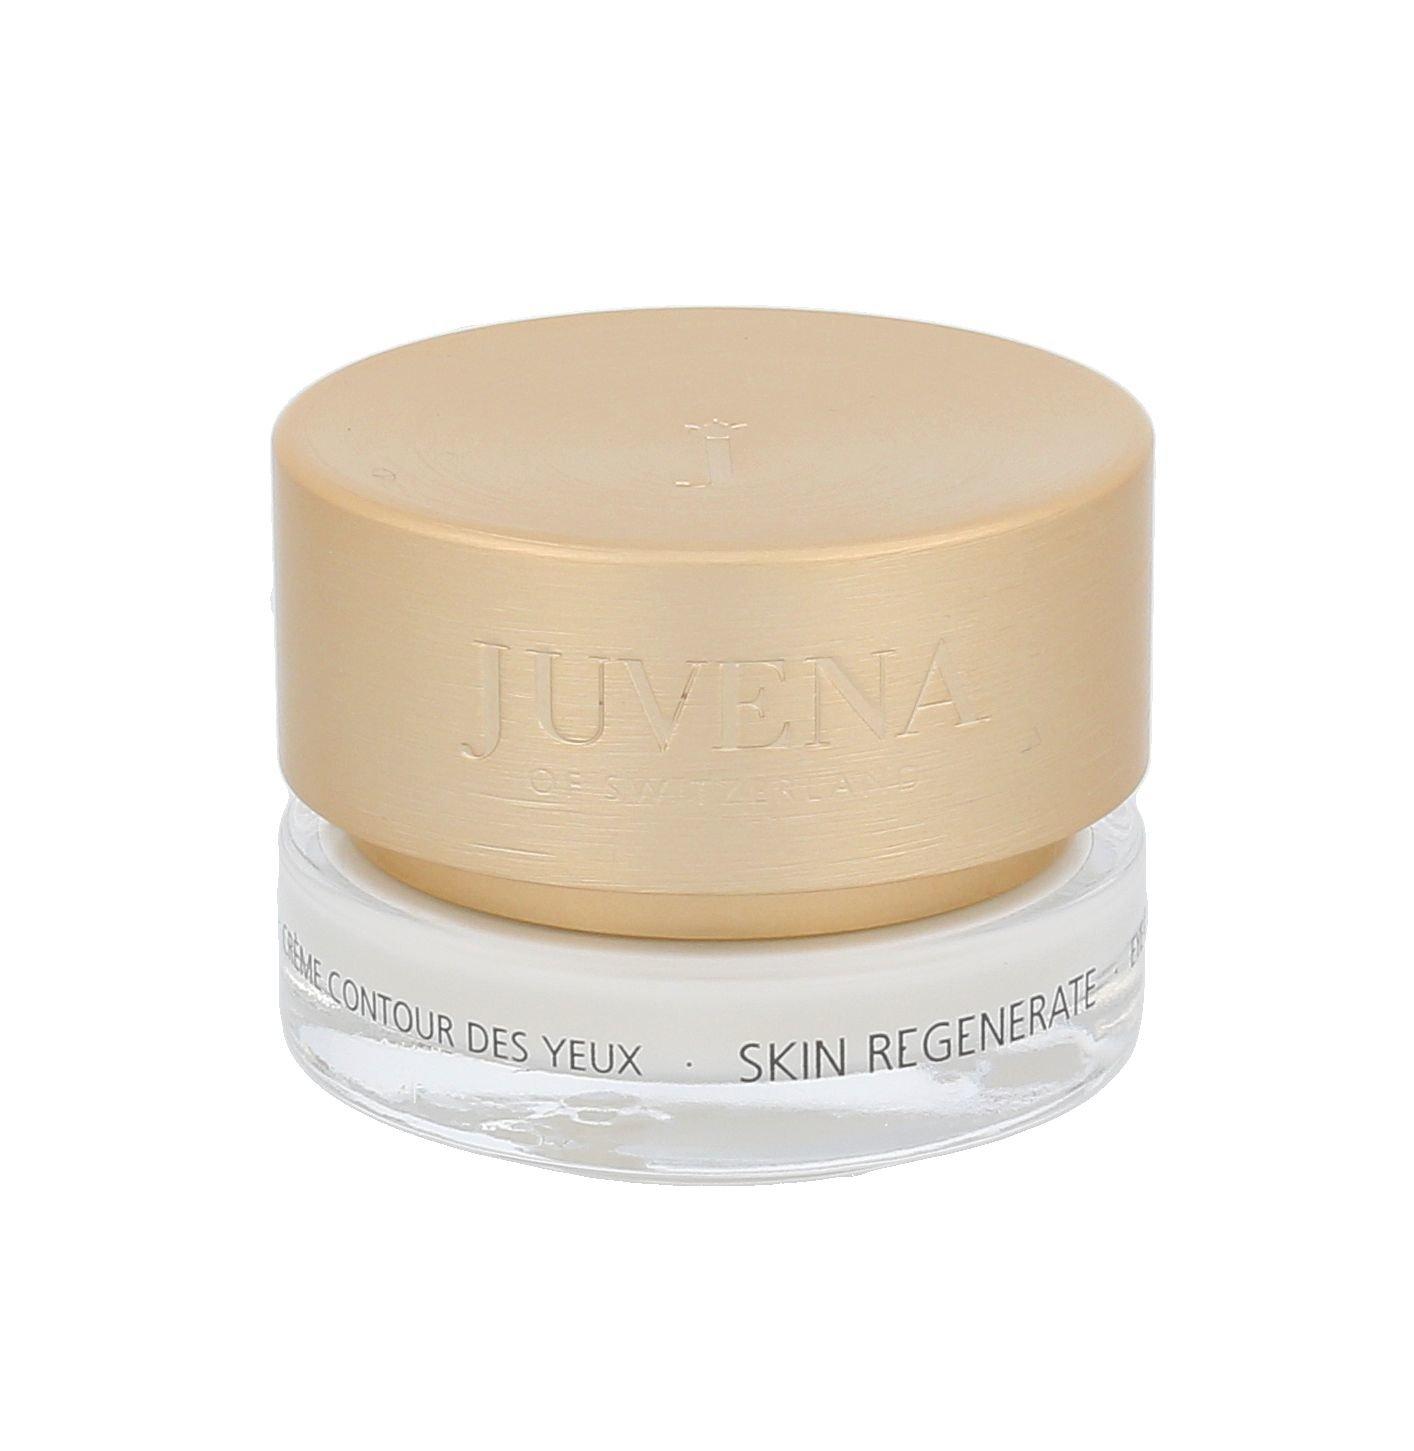 Juvena Skin Regenerate Cosmetic 15ml